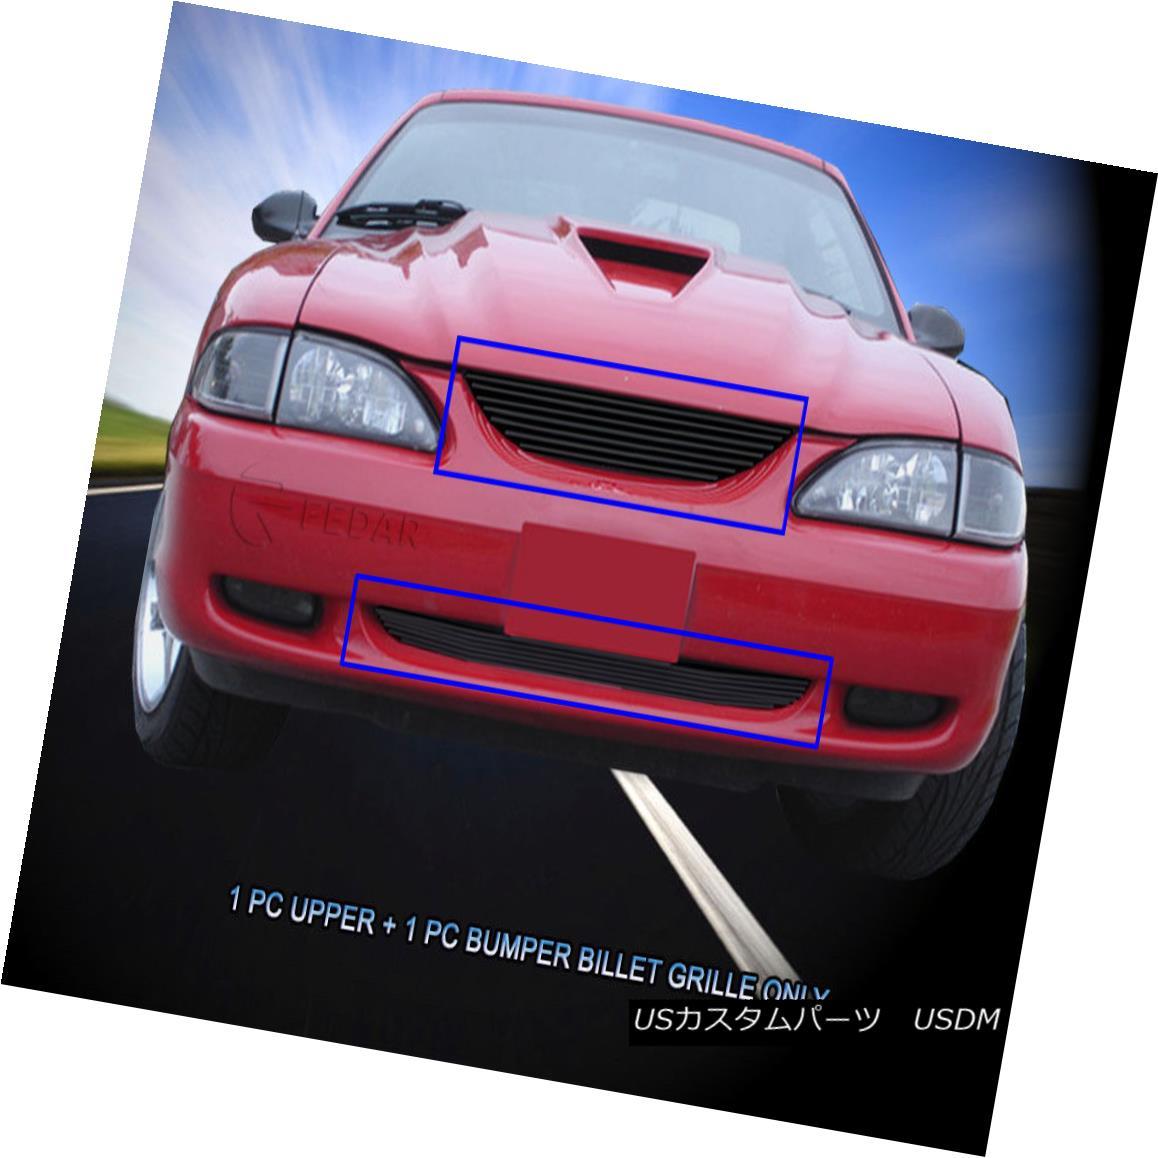 グリル Fits 1994-1998 Ford Mustang Aluminum Black Billet Grille Insert Combo Fedar フィット1994-1998フォードマスタングアルミブラックビレットグリル挿入コンボFedar